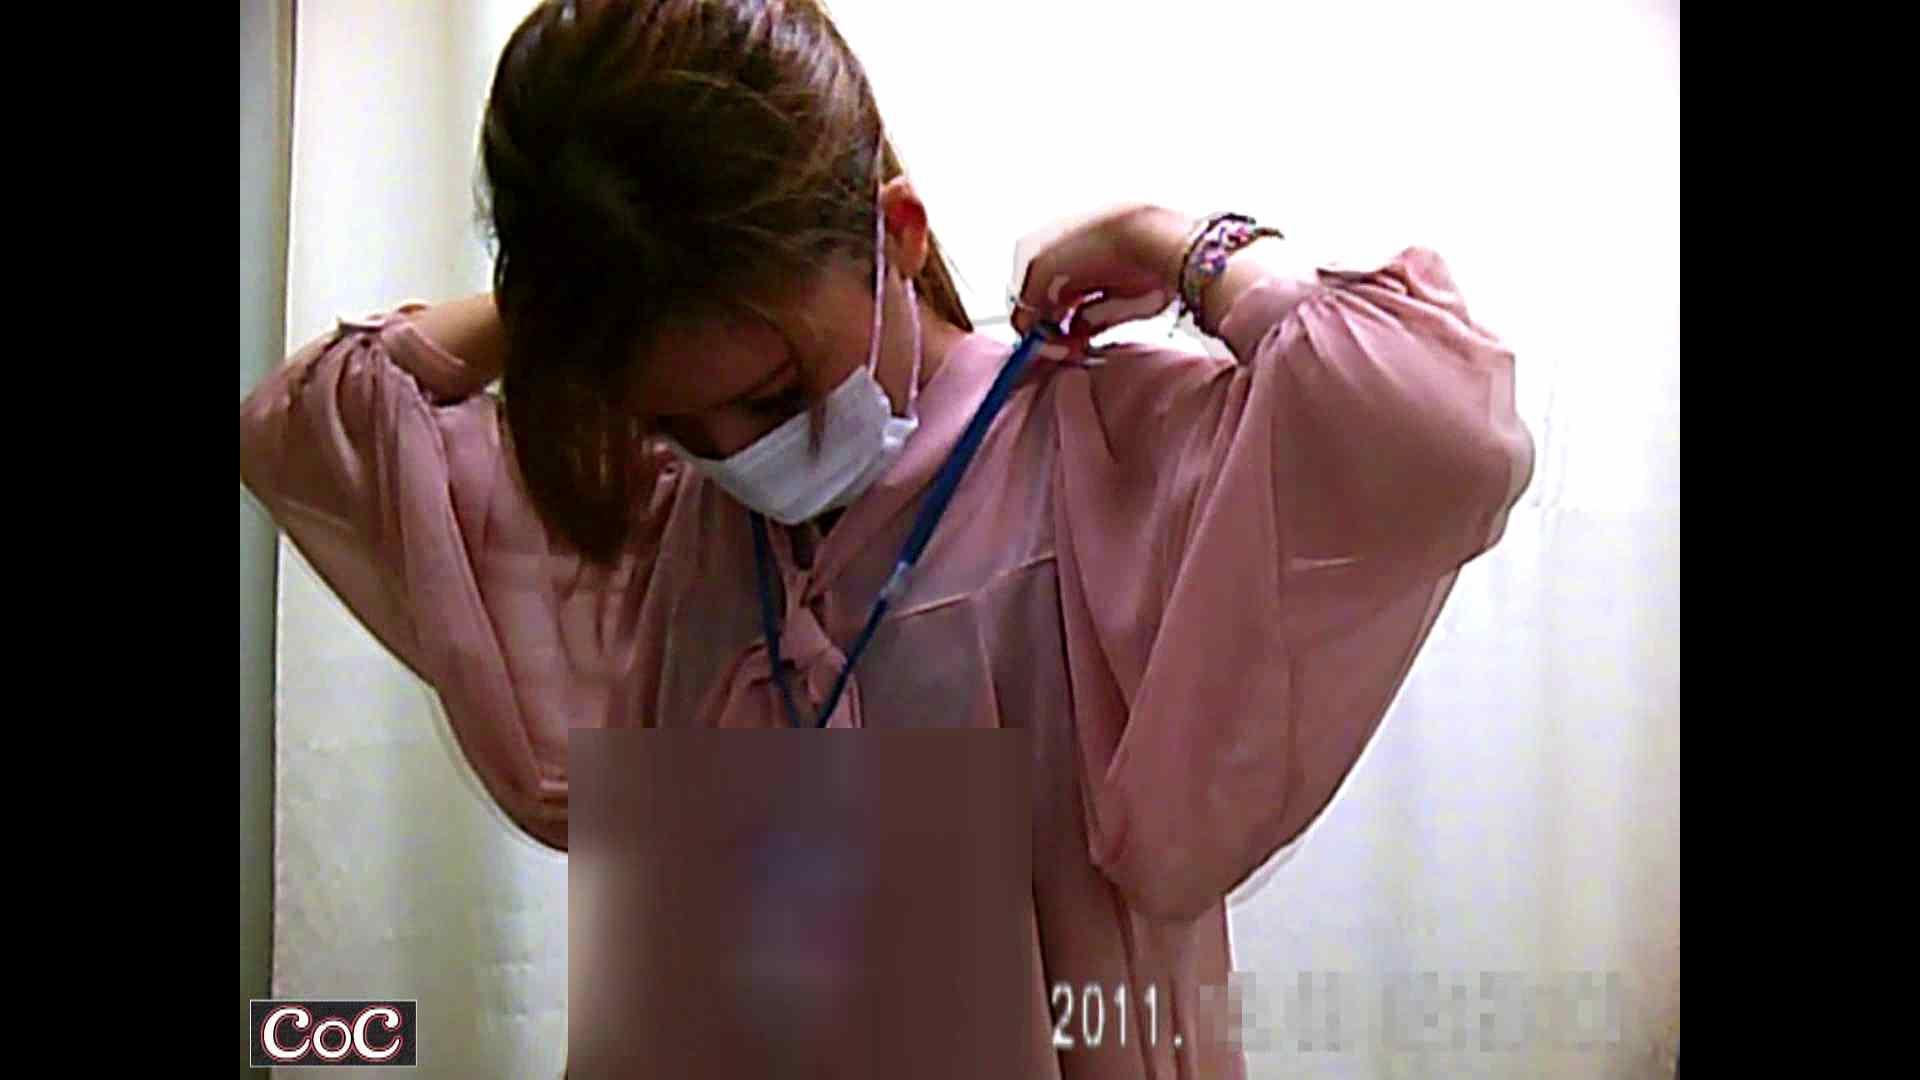 元医者による反抗 更衣室地獄絵巻 vol.180 OL | 0  85連発 44